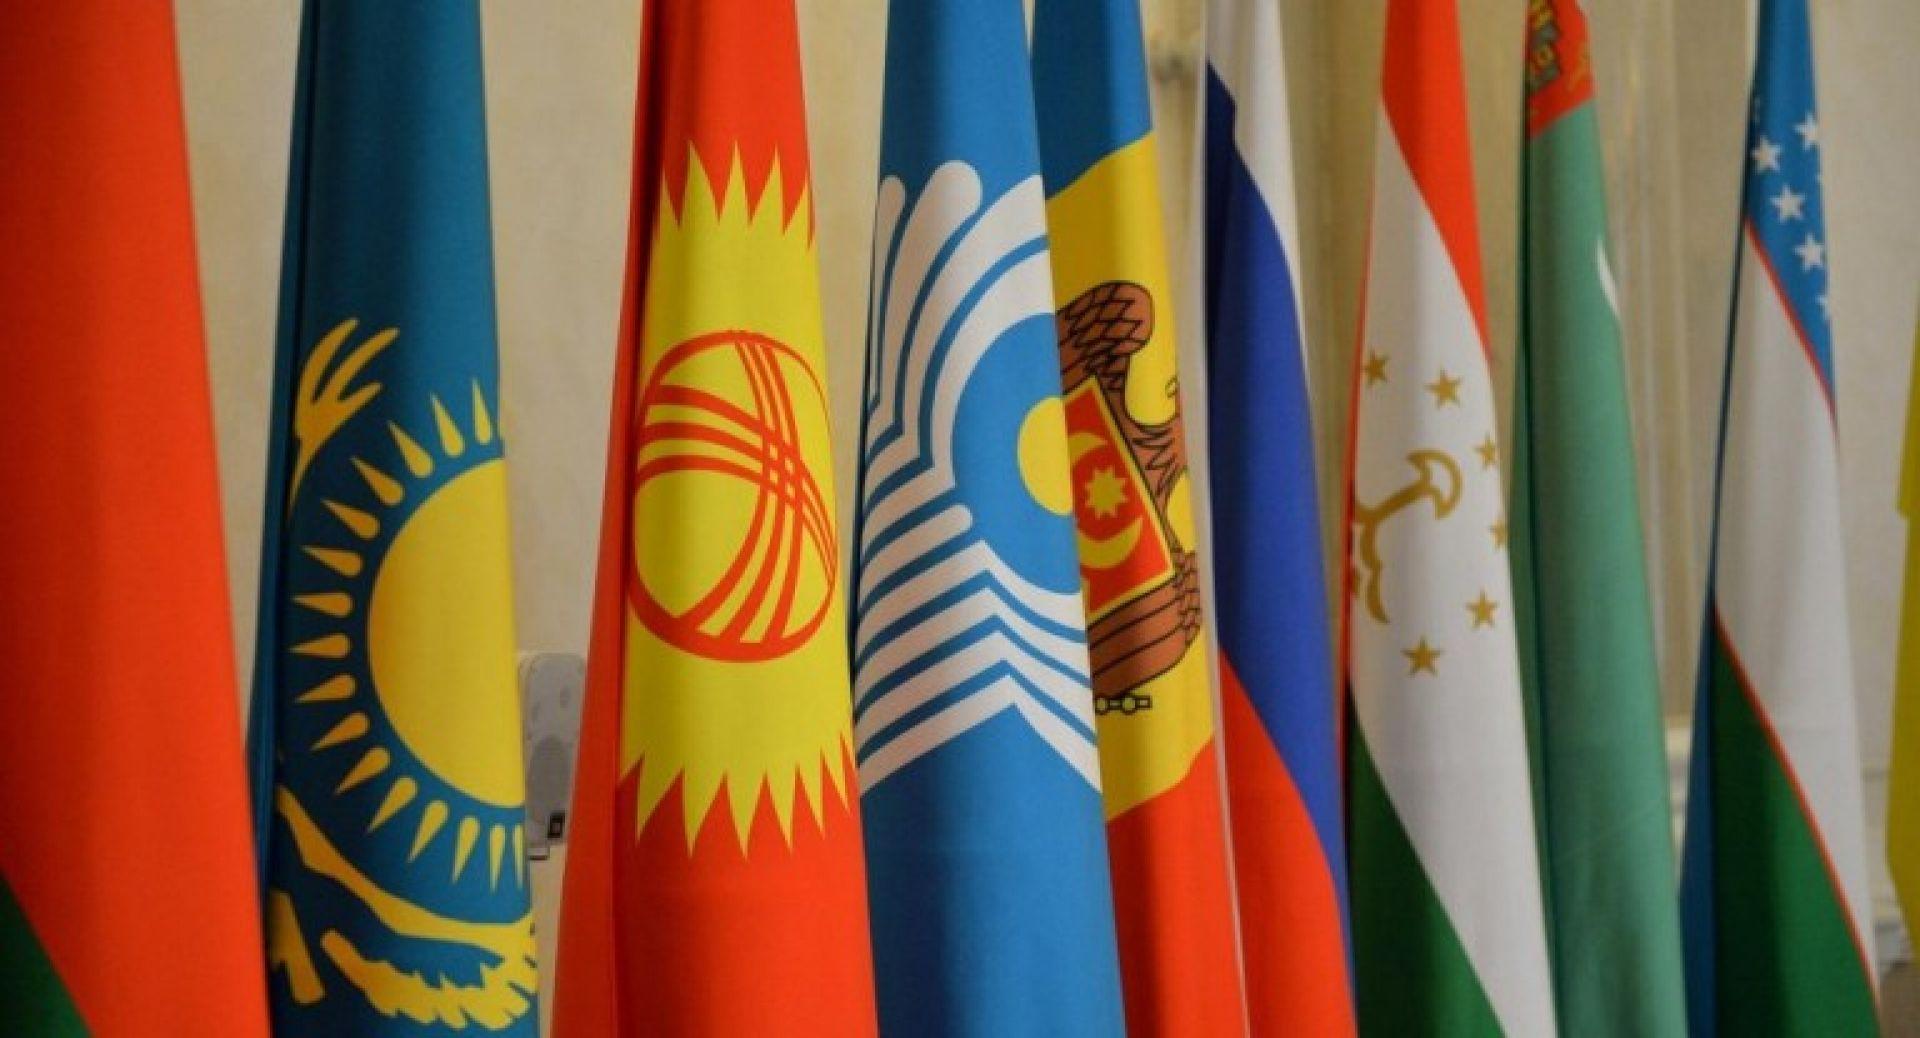 Касым-Жомарт Токаев принял участие в заседании Совета глав государств СНГ